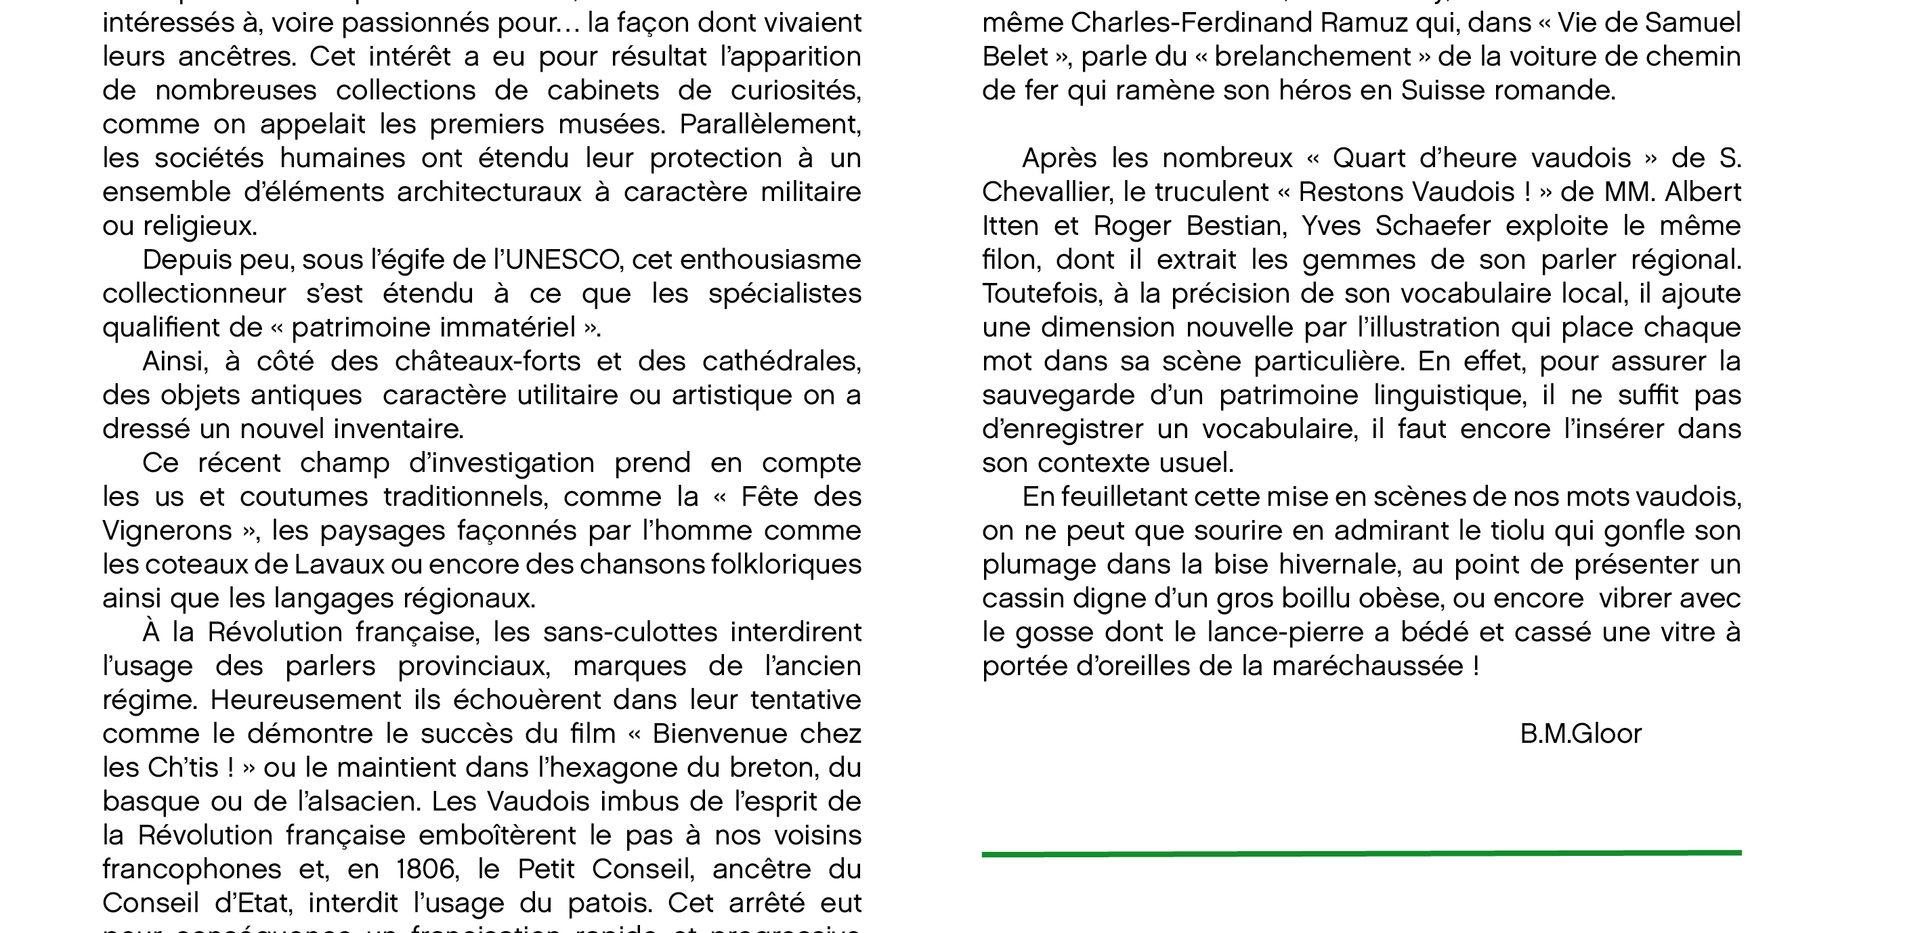 Vaudoiseries-Preface.jpg